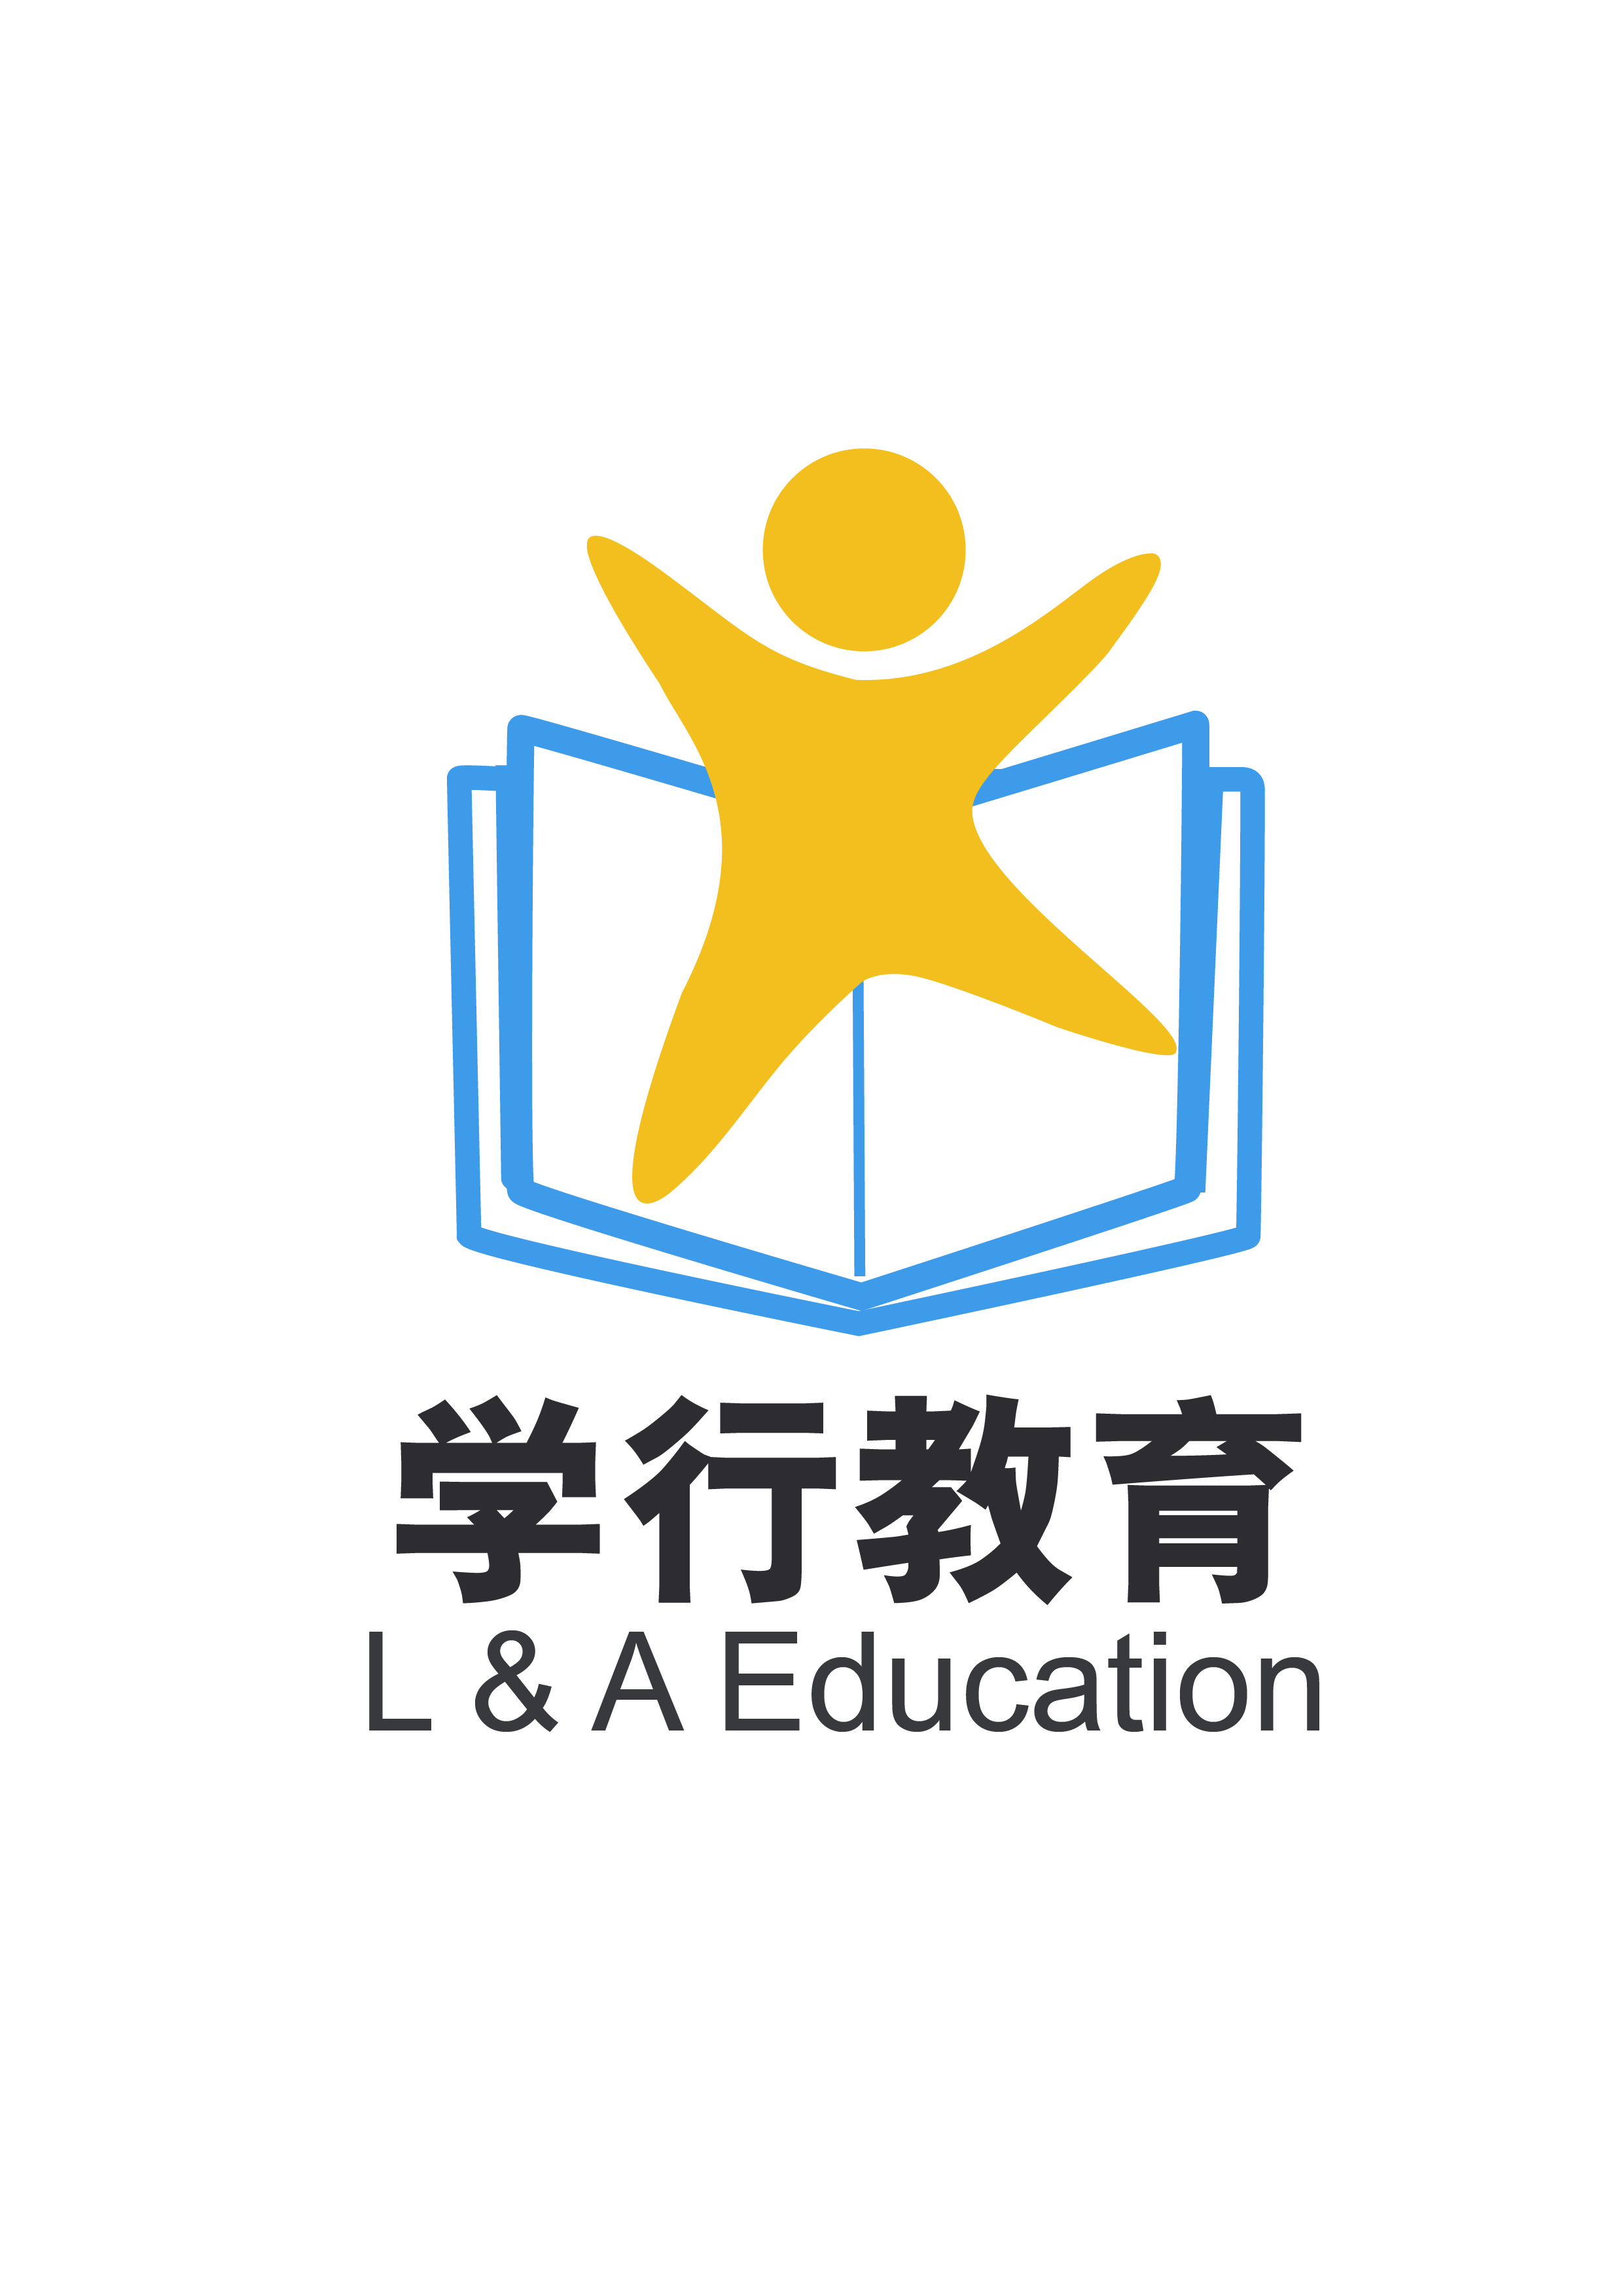 福建厦门市思明区学行课外培训中心有限责任公司